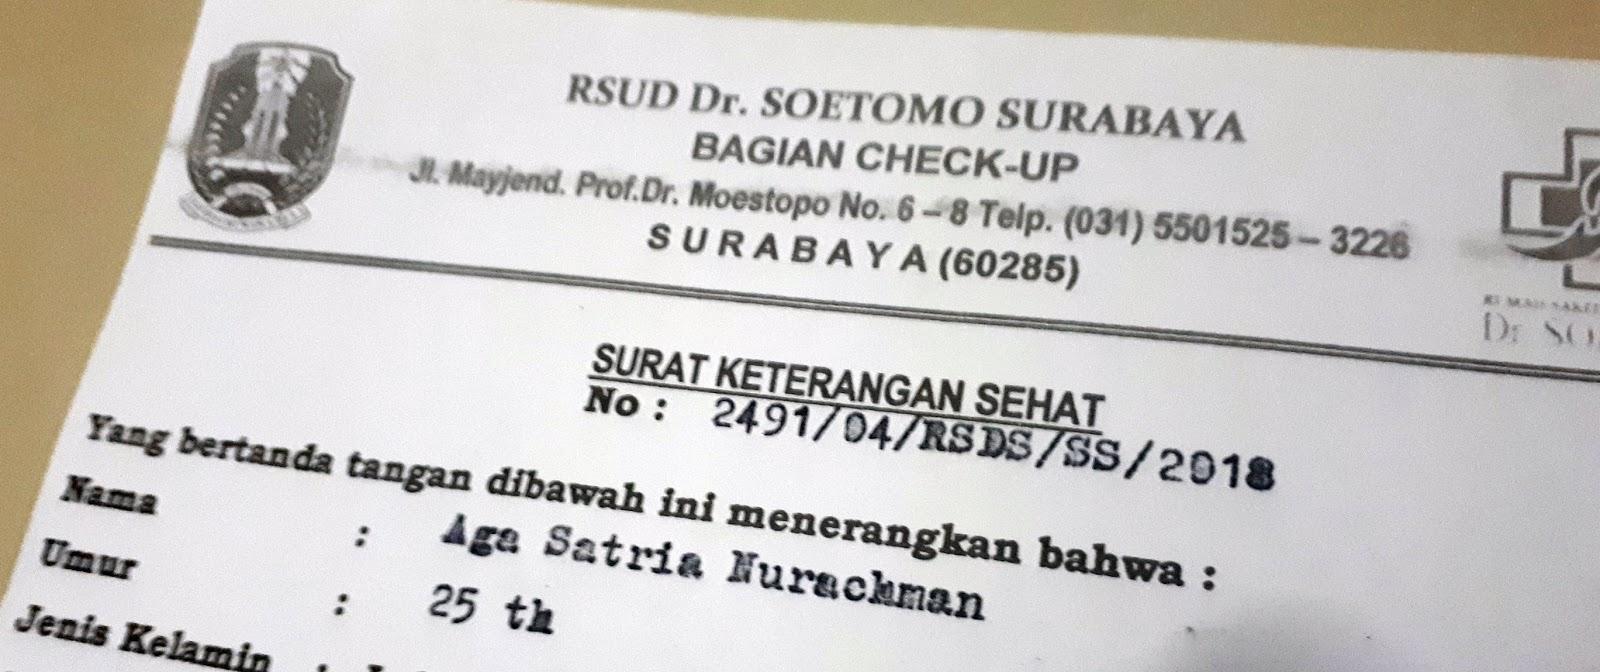 Membuat Surat Sehat Di Rsud Dr Soetomo Surabaya